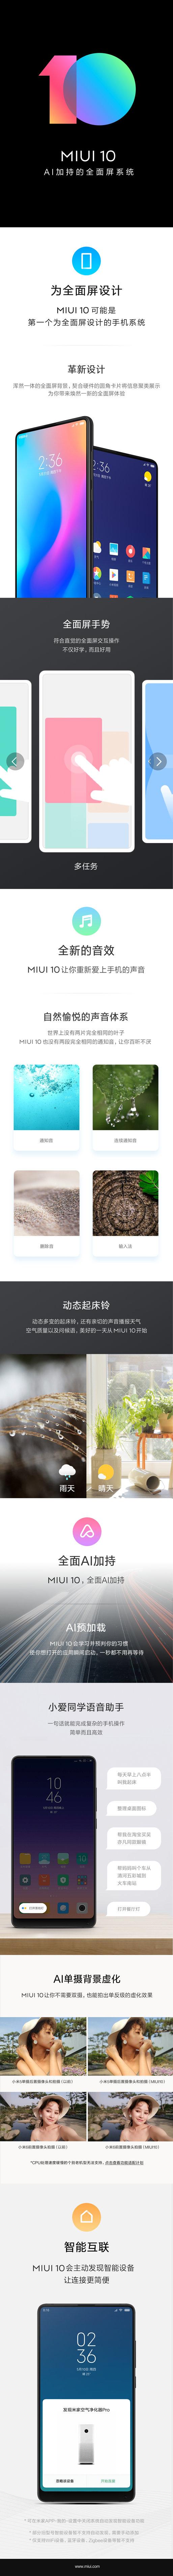 MIUI 11 beta kiedy premiera Xiaomi aktualizacja nakładka rozwój MIUI 10